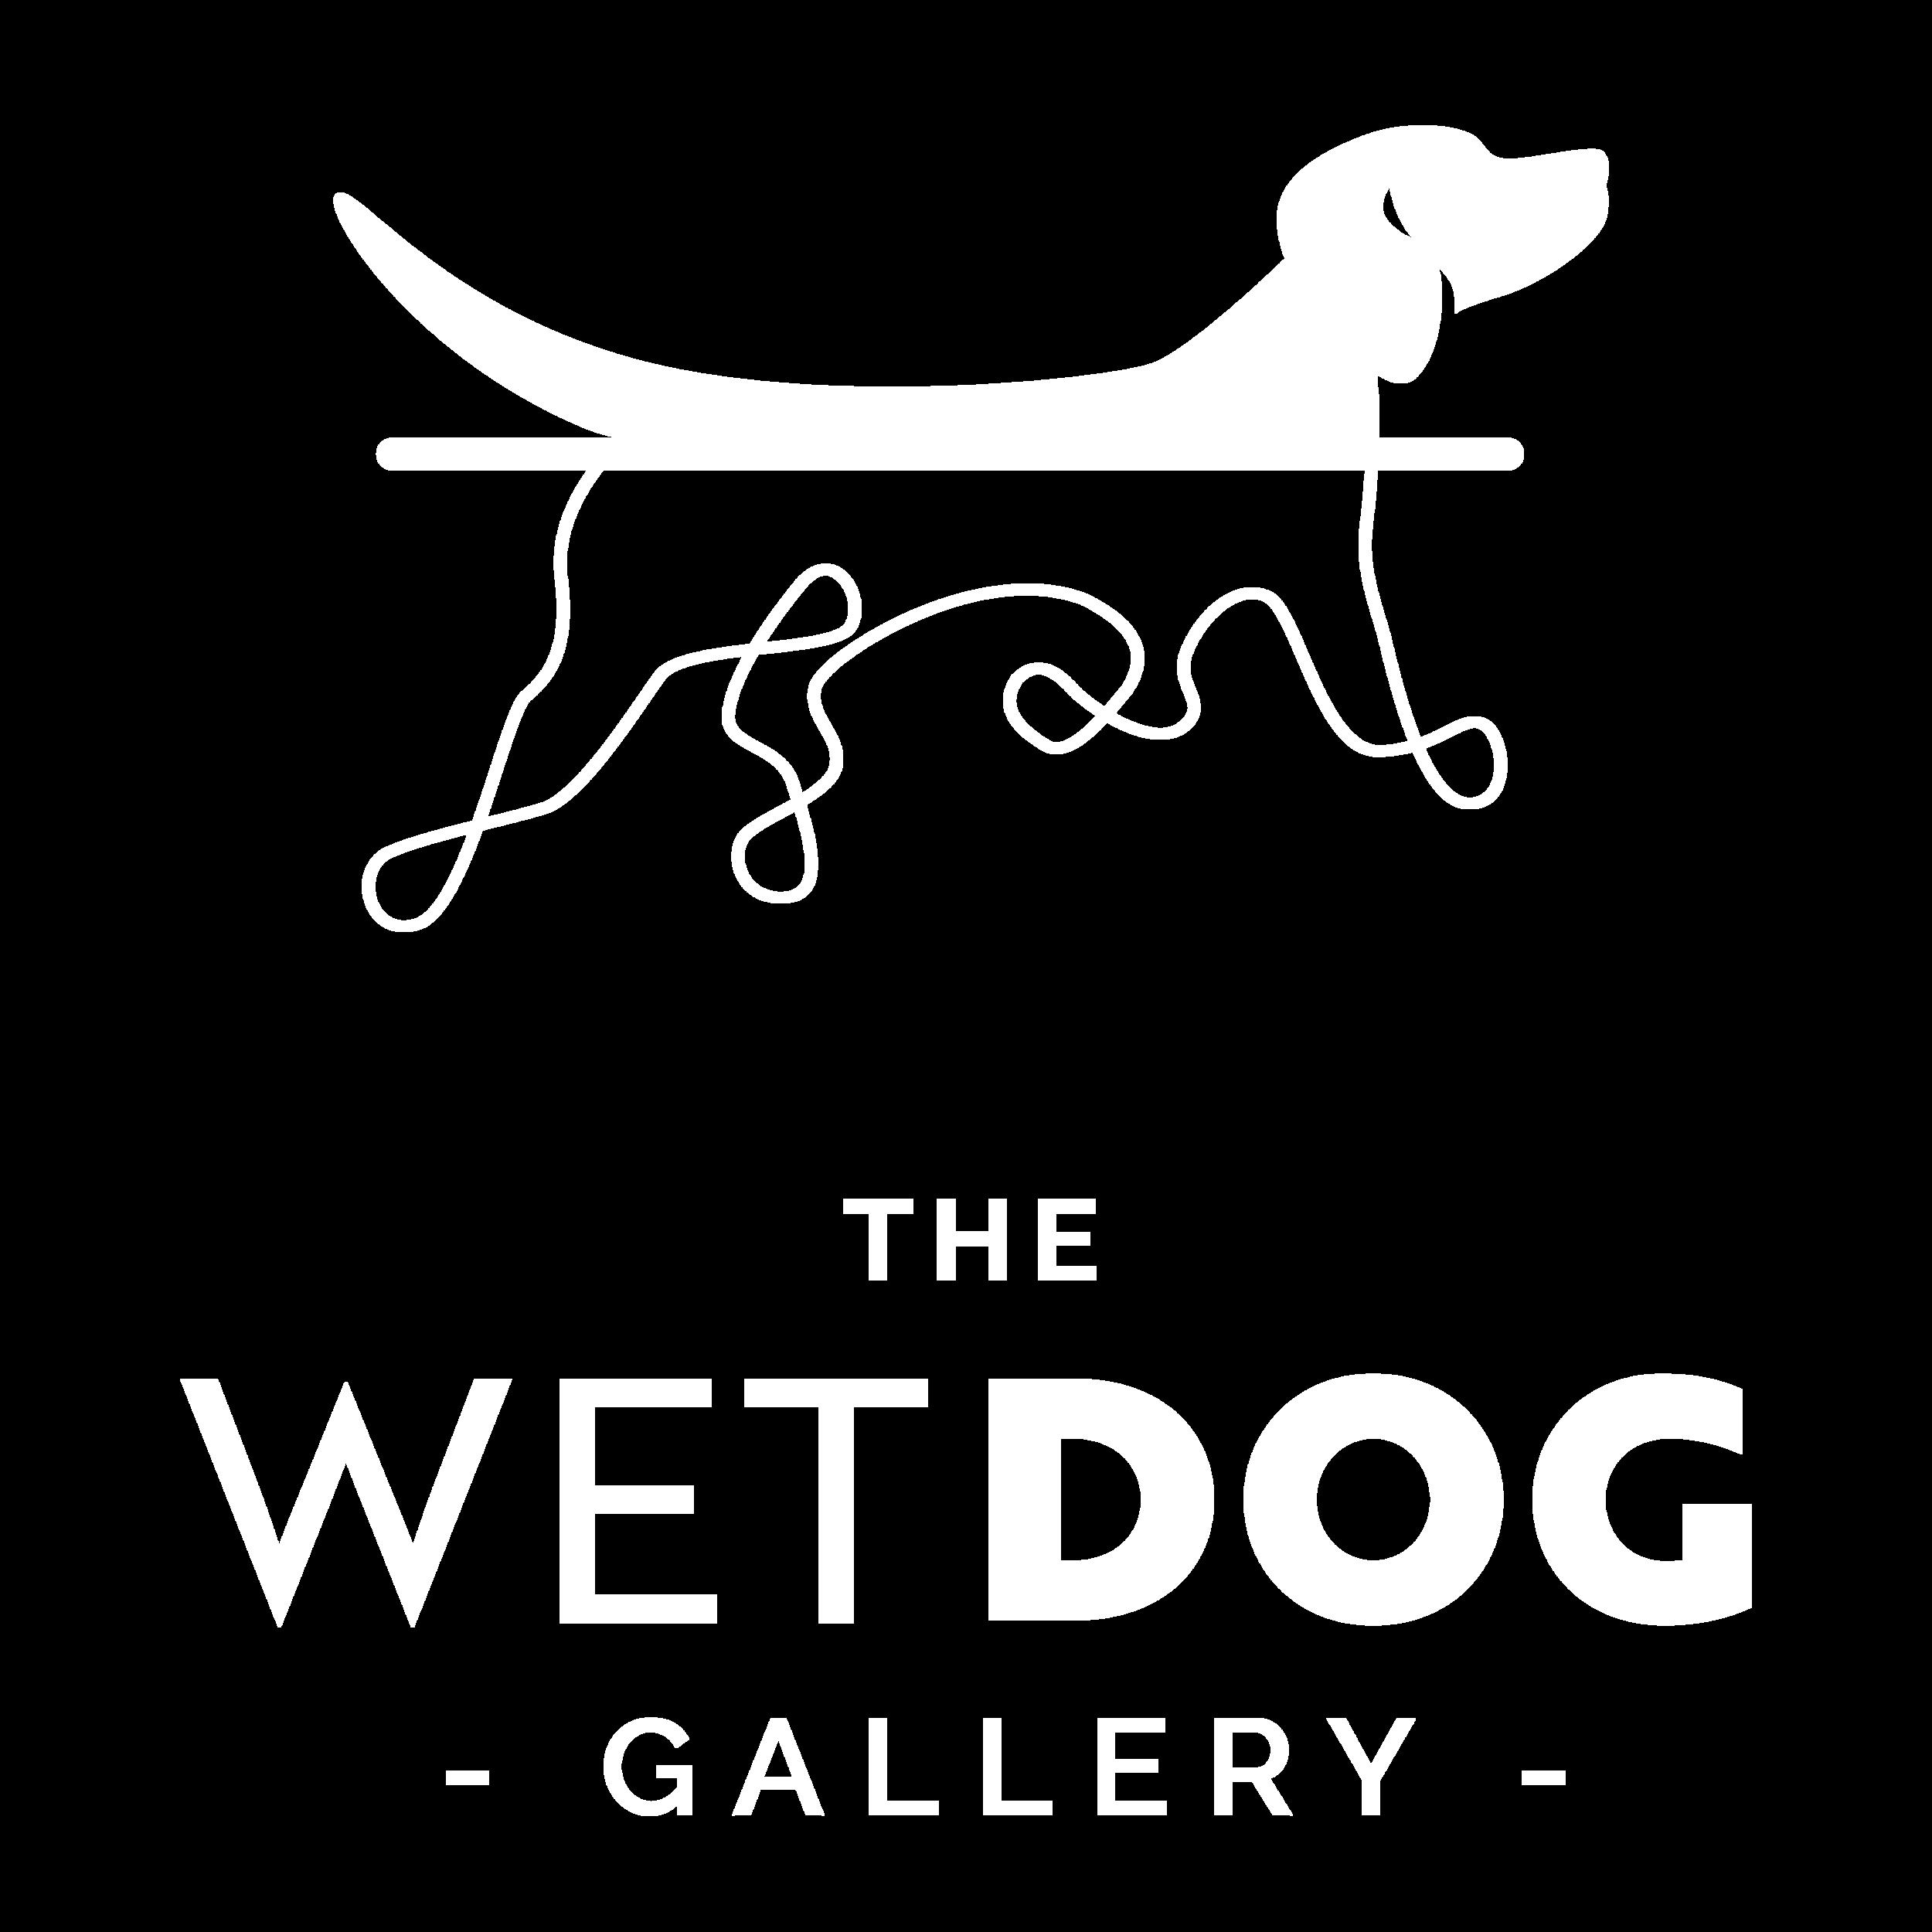 JCA001_WetDog_Logos3_RGB.png